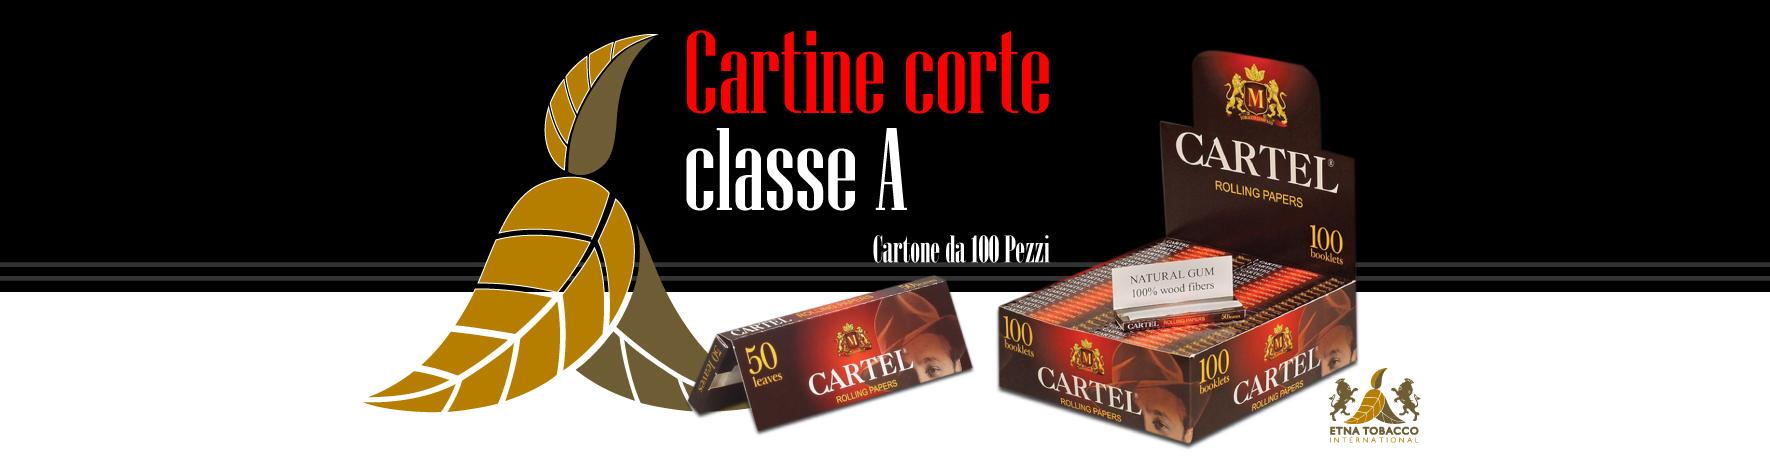 cartine-corte-classe-a1